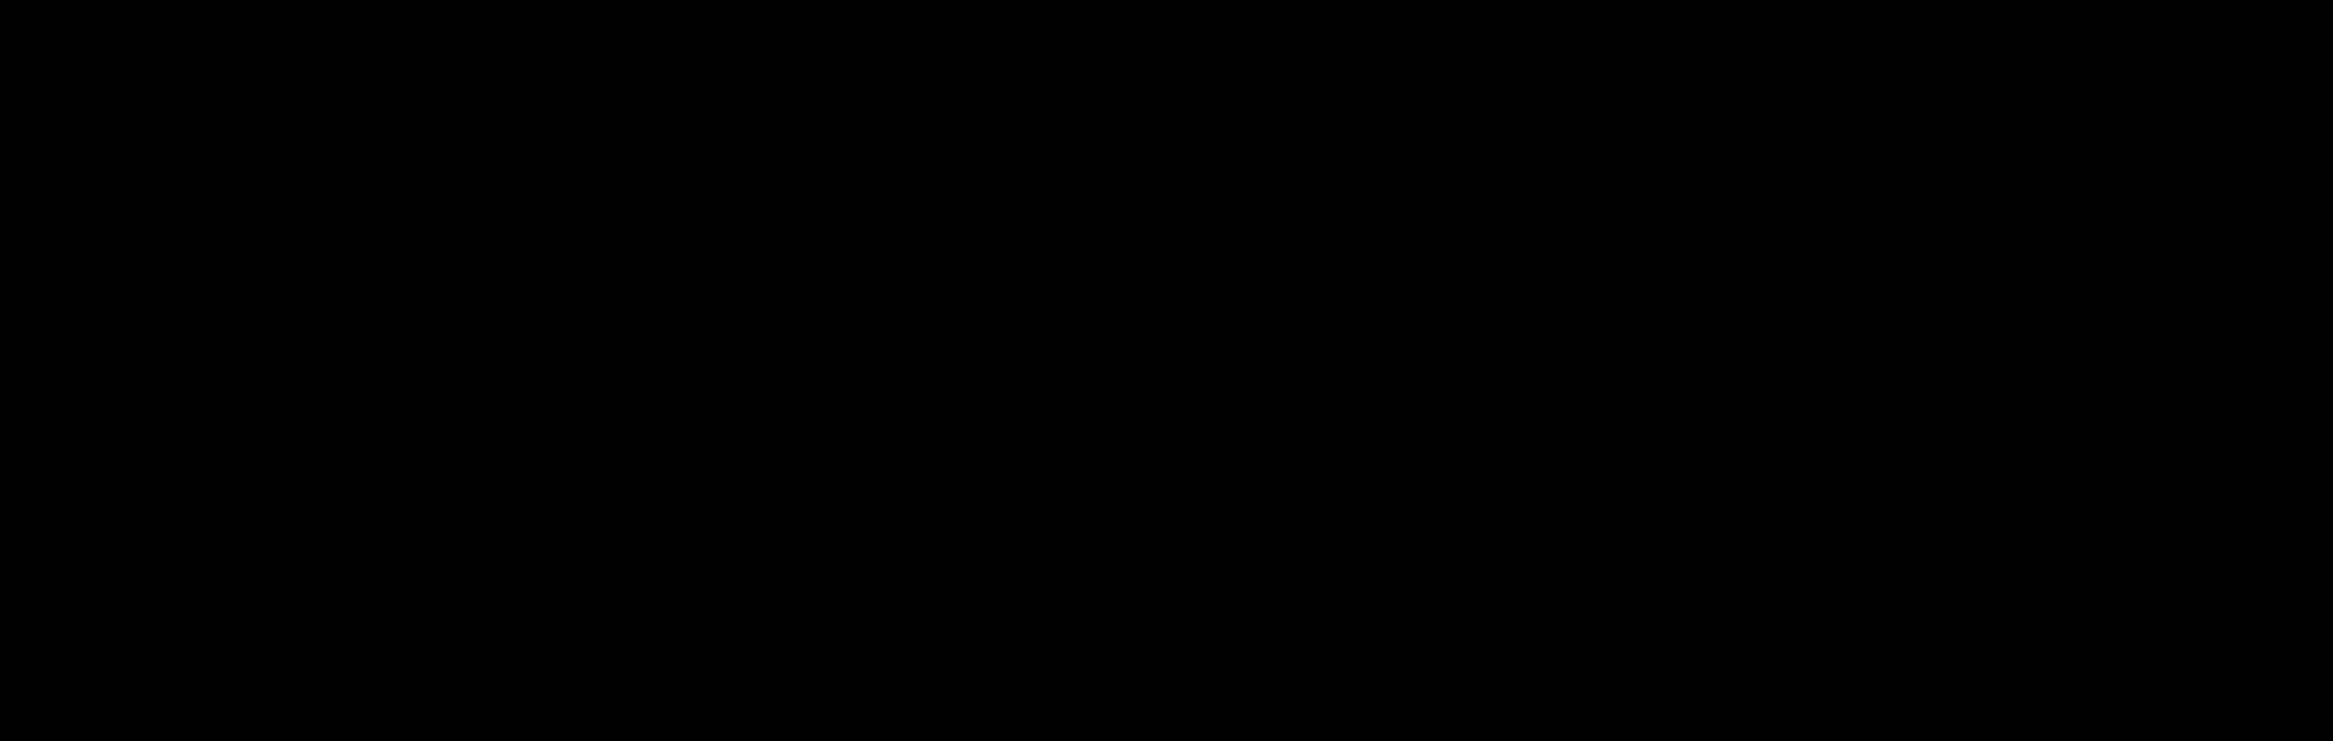 2017 peace ile ilgili görsel sonucu